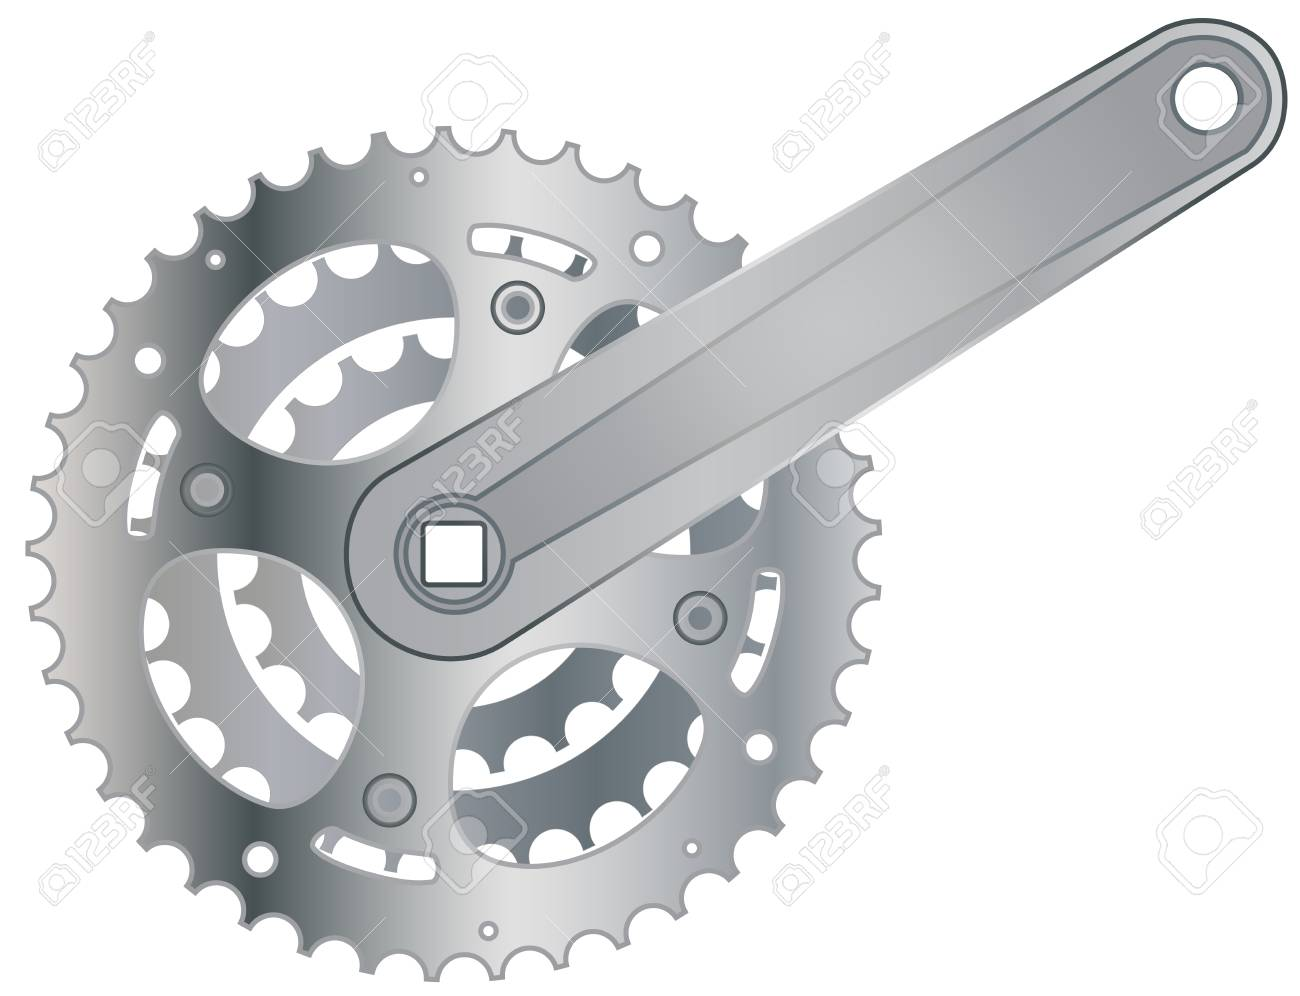 Vector bicycle cogwheel sprocket crankset symbol vector eps 10 vector bicycle cogwheel sprocket crankset symbol vector eps 10 stock vector 79012103 biocorpaavc